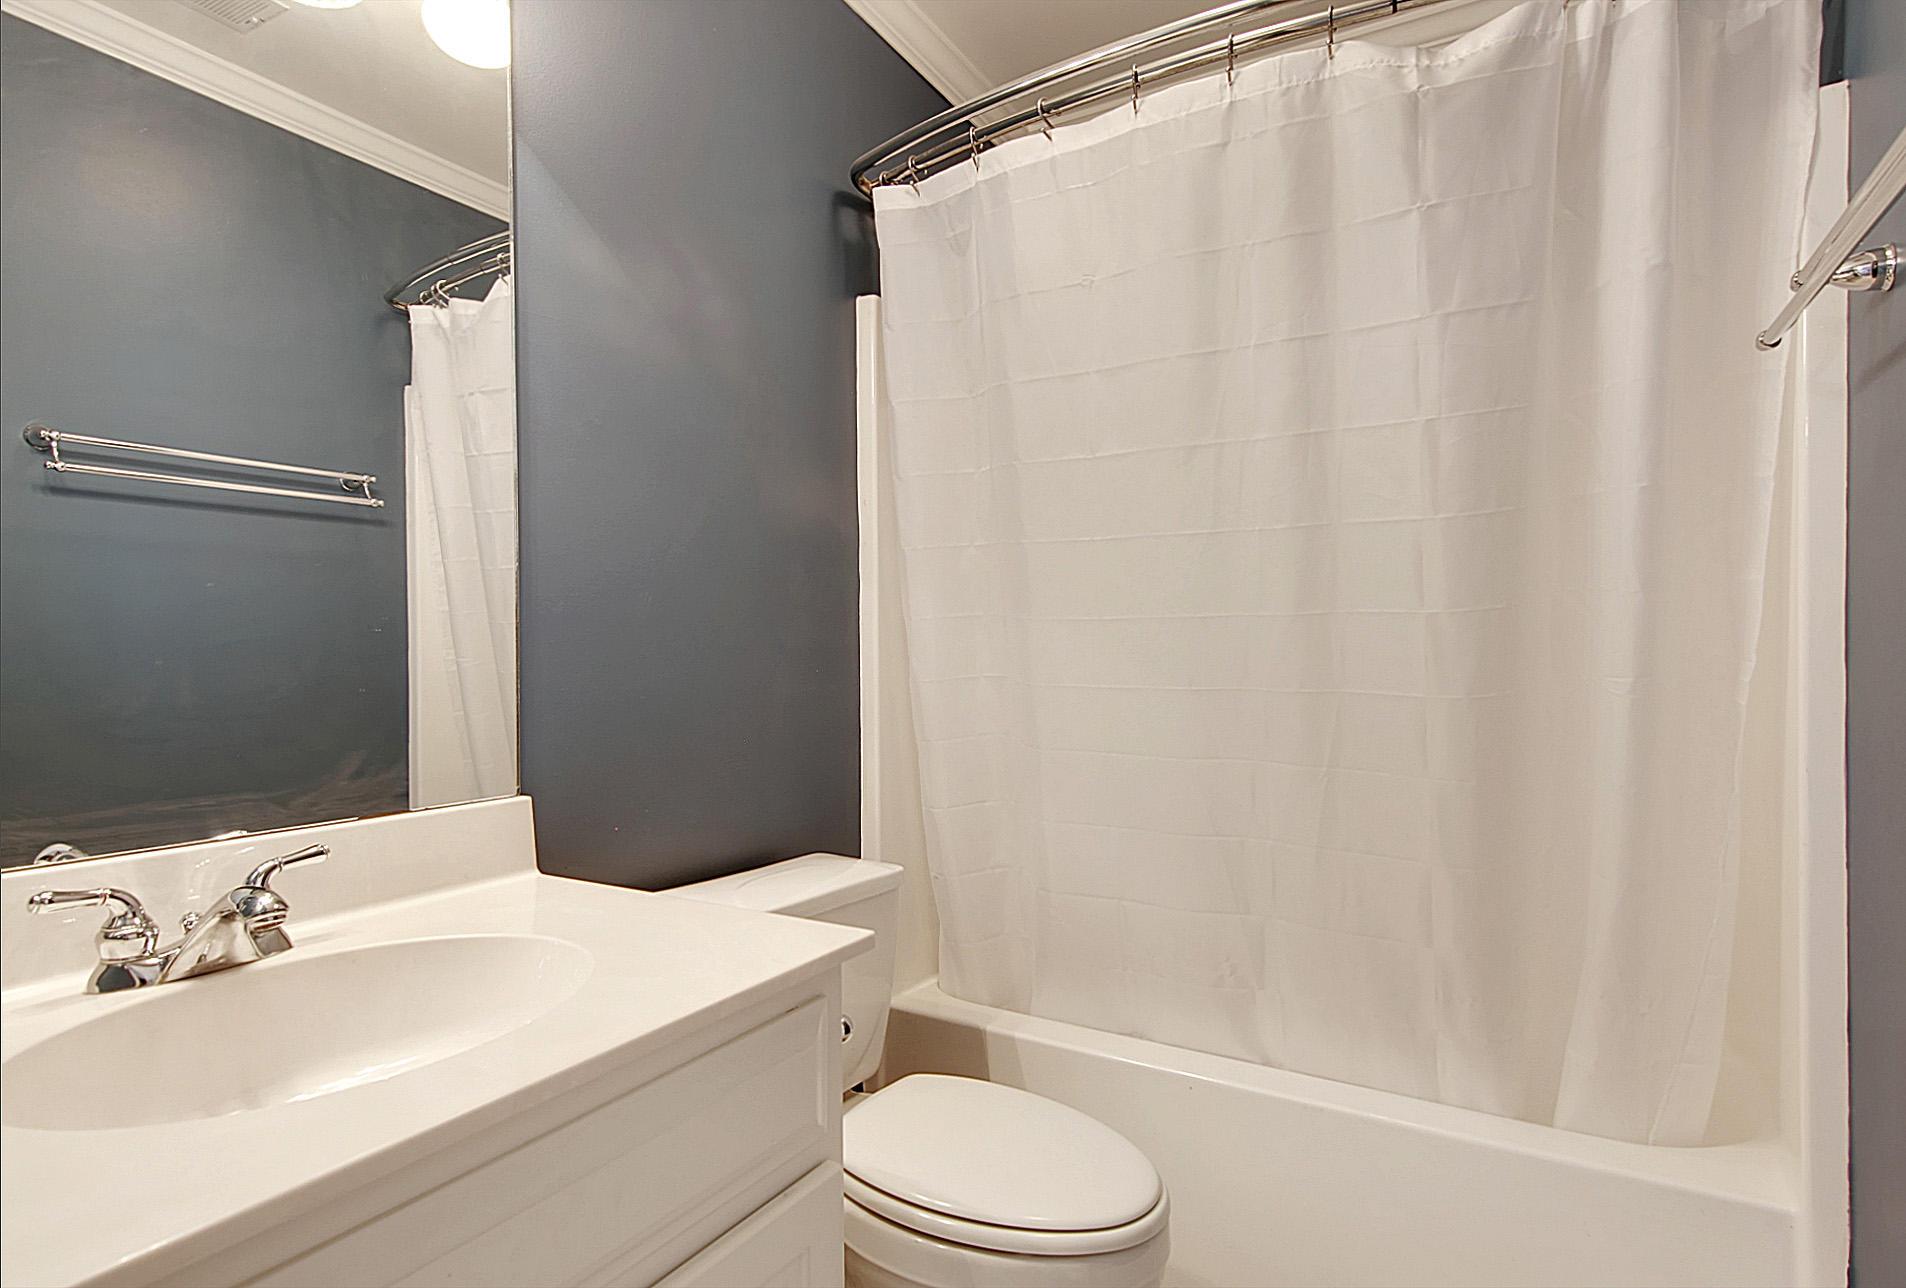 Dunes West Homes For Sale - 2236 Black Oak, Mount Pleasant, SC - 33